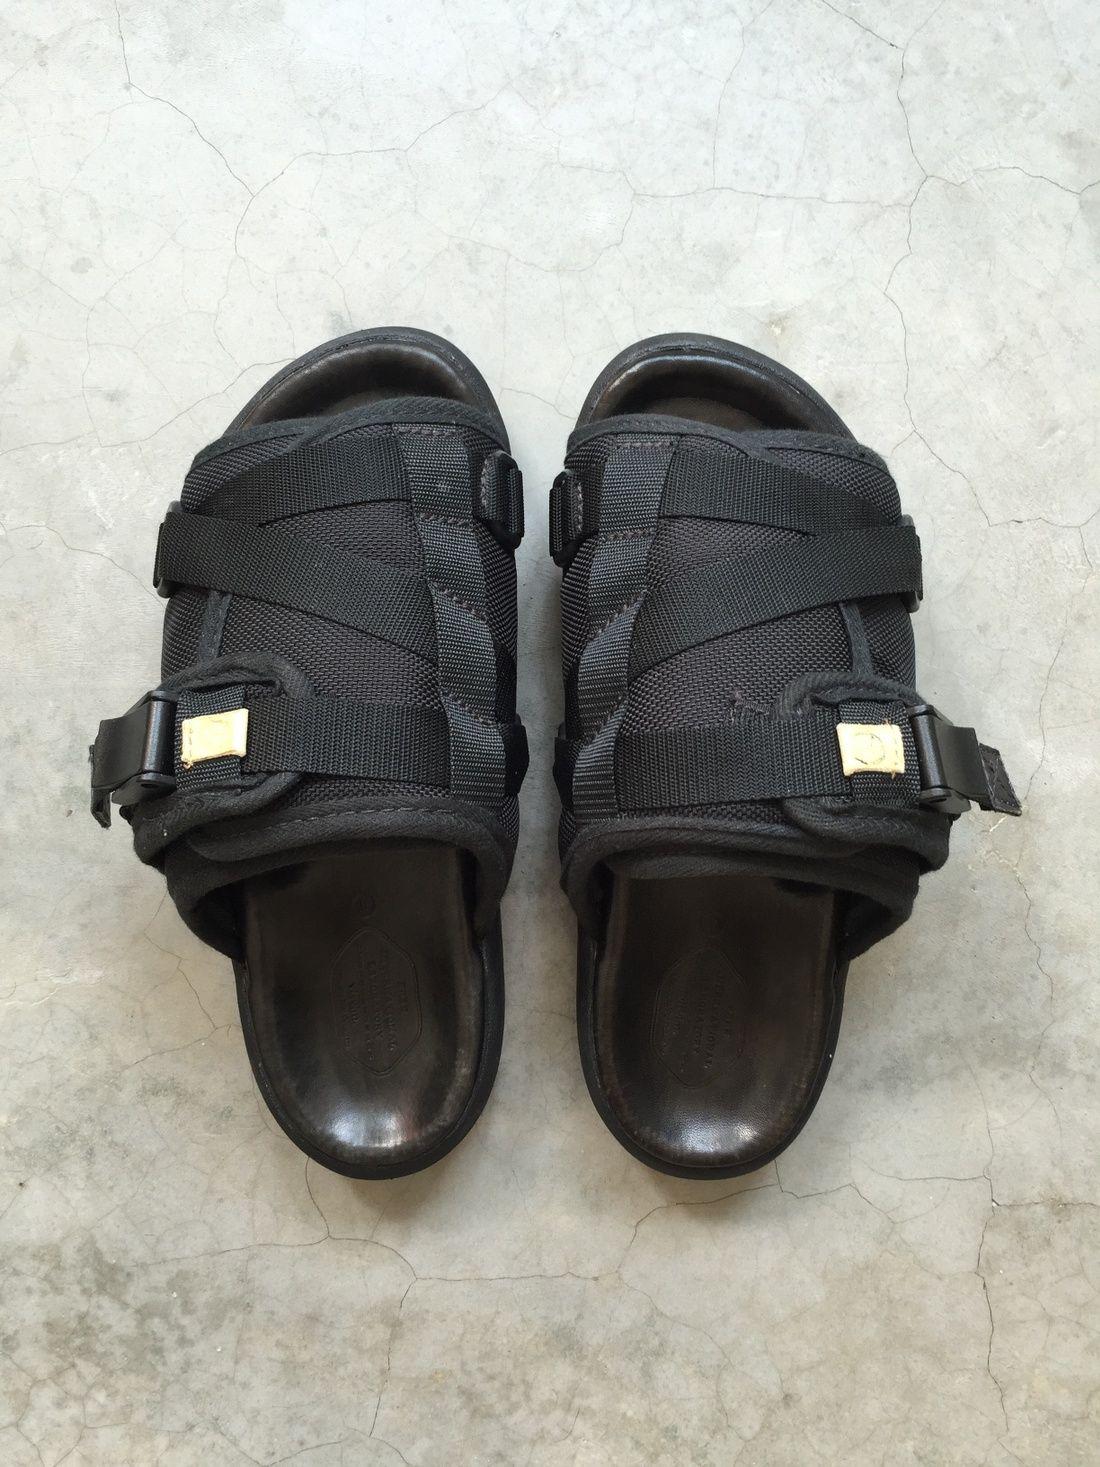 6bb40bc2b5b9 Visvim Christo Sandals Ballistic Size S Size 7  455 - Grailed